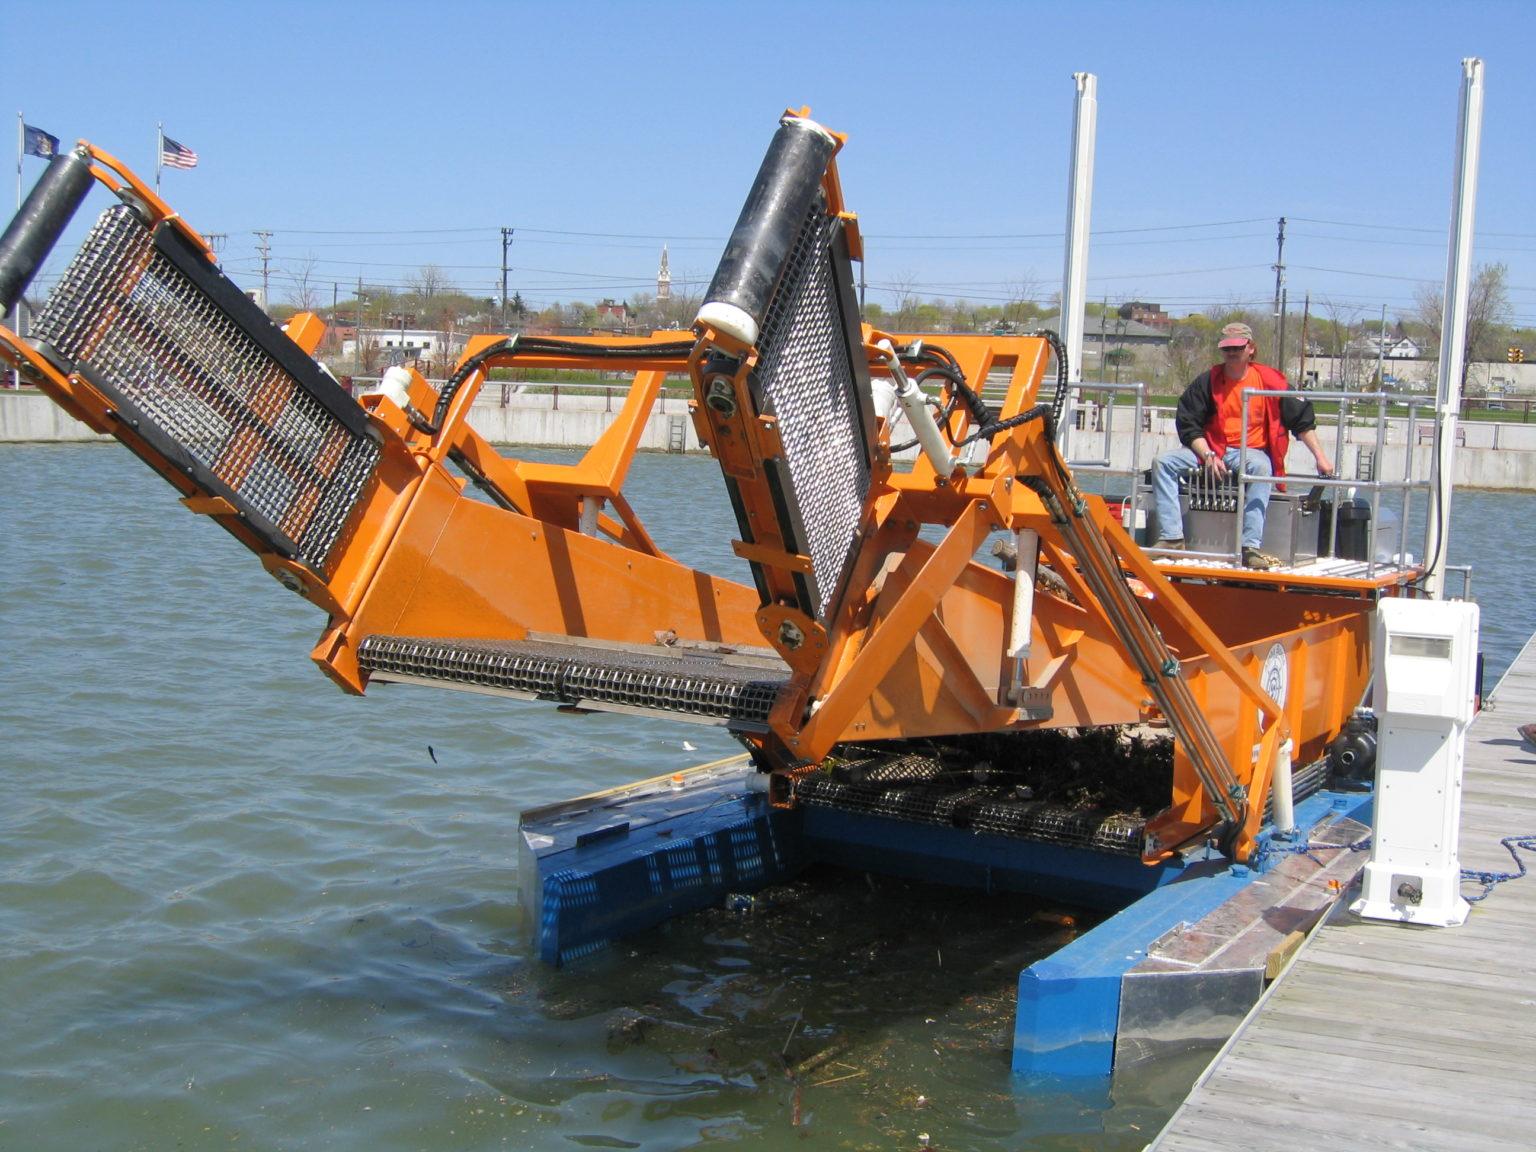 MC 202 at the dock